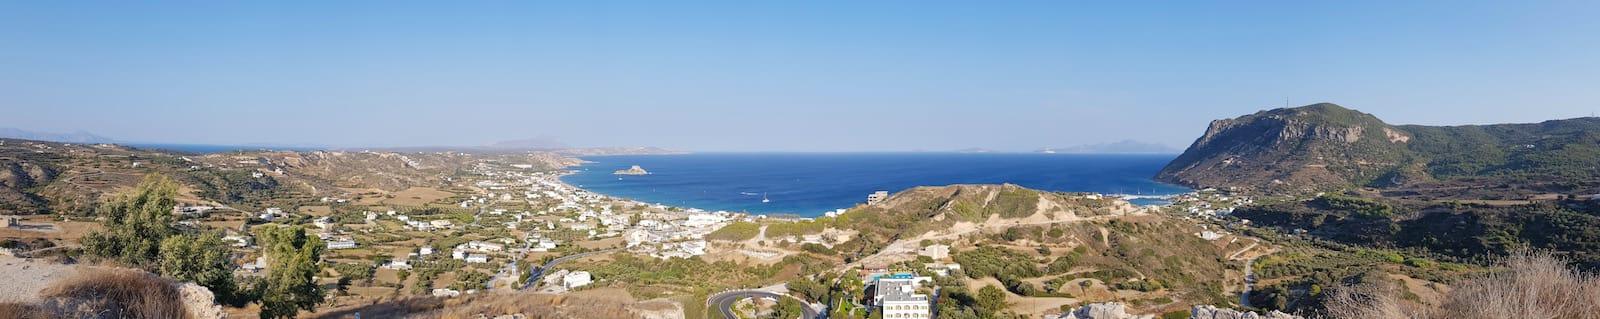 Ausblick von den Hügeln auf Kefalos – Foto: Lena Ziehres